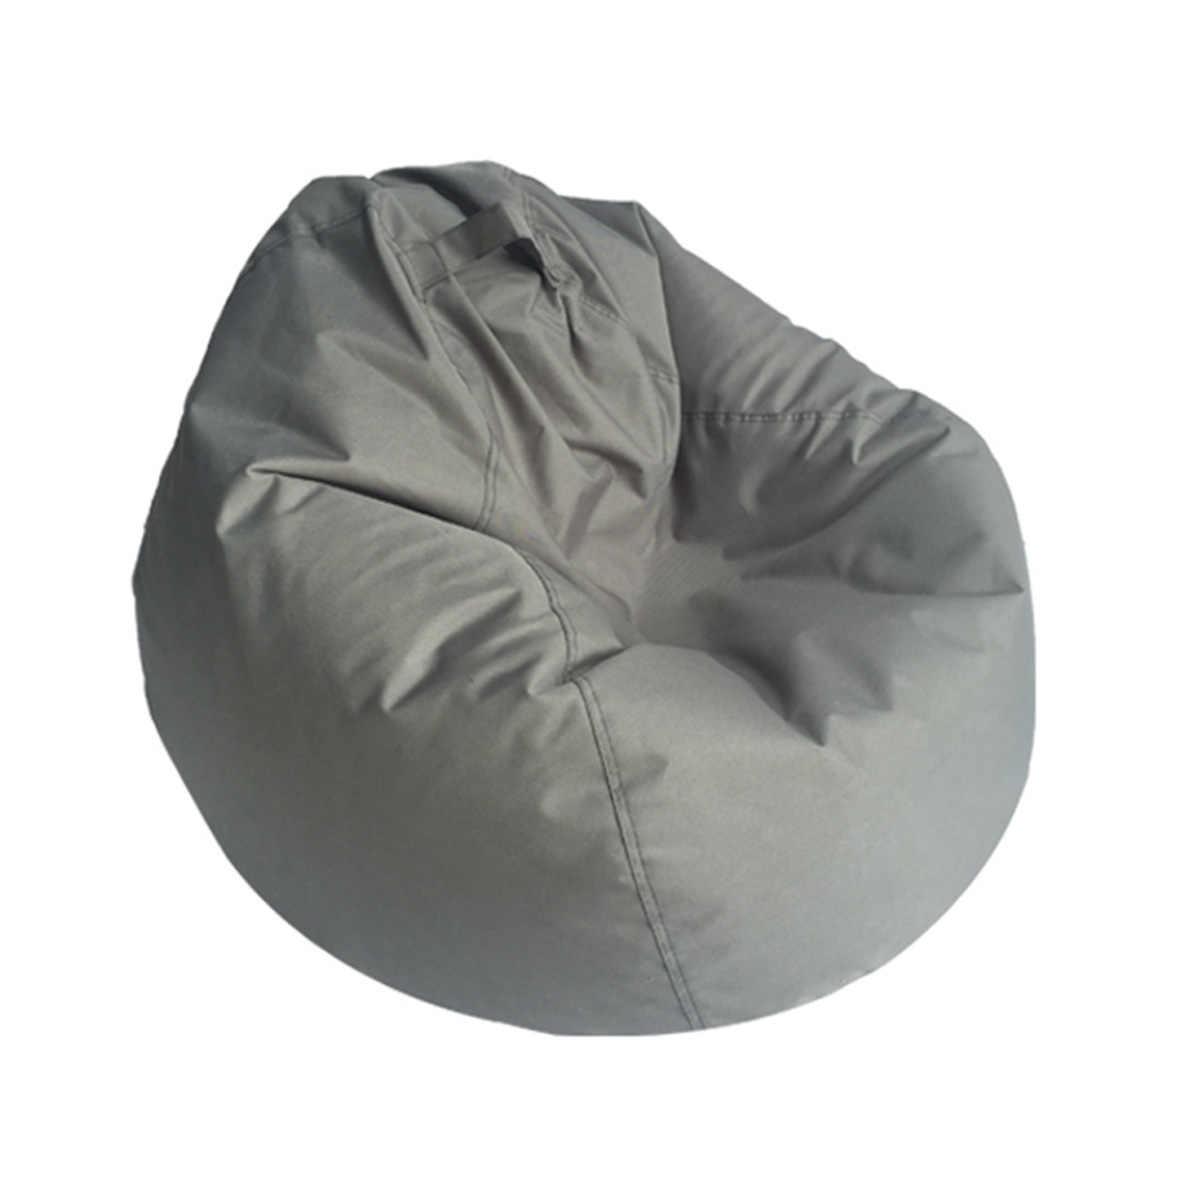 Preguiçoso Sofás BeanBag Impermeável Armazenamento De Brinquedo Bicho de pelúcia Sofás Beanbag do Saco de Feijão Tampa Da Cadeira Cor Sólida Sem Forro